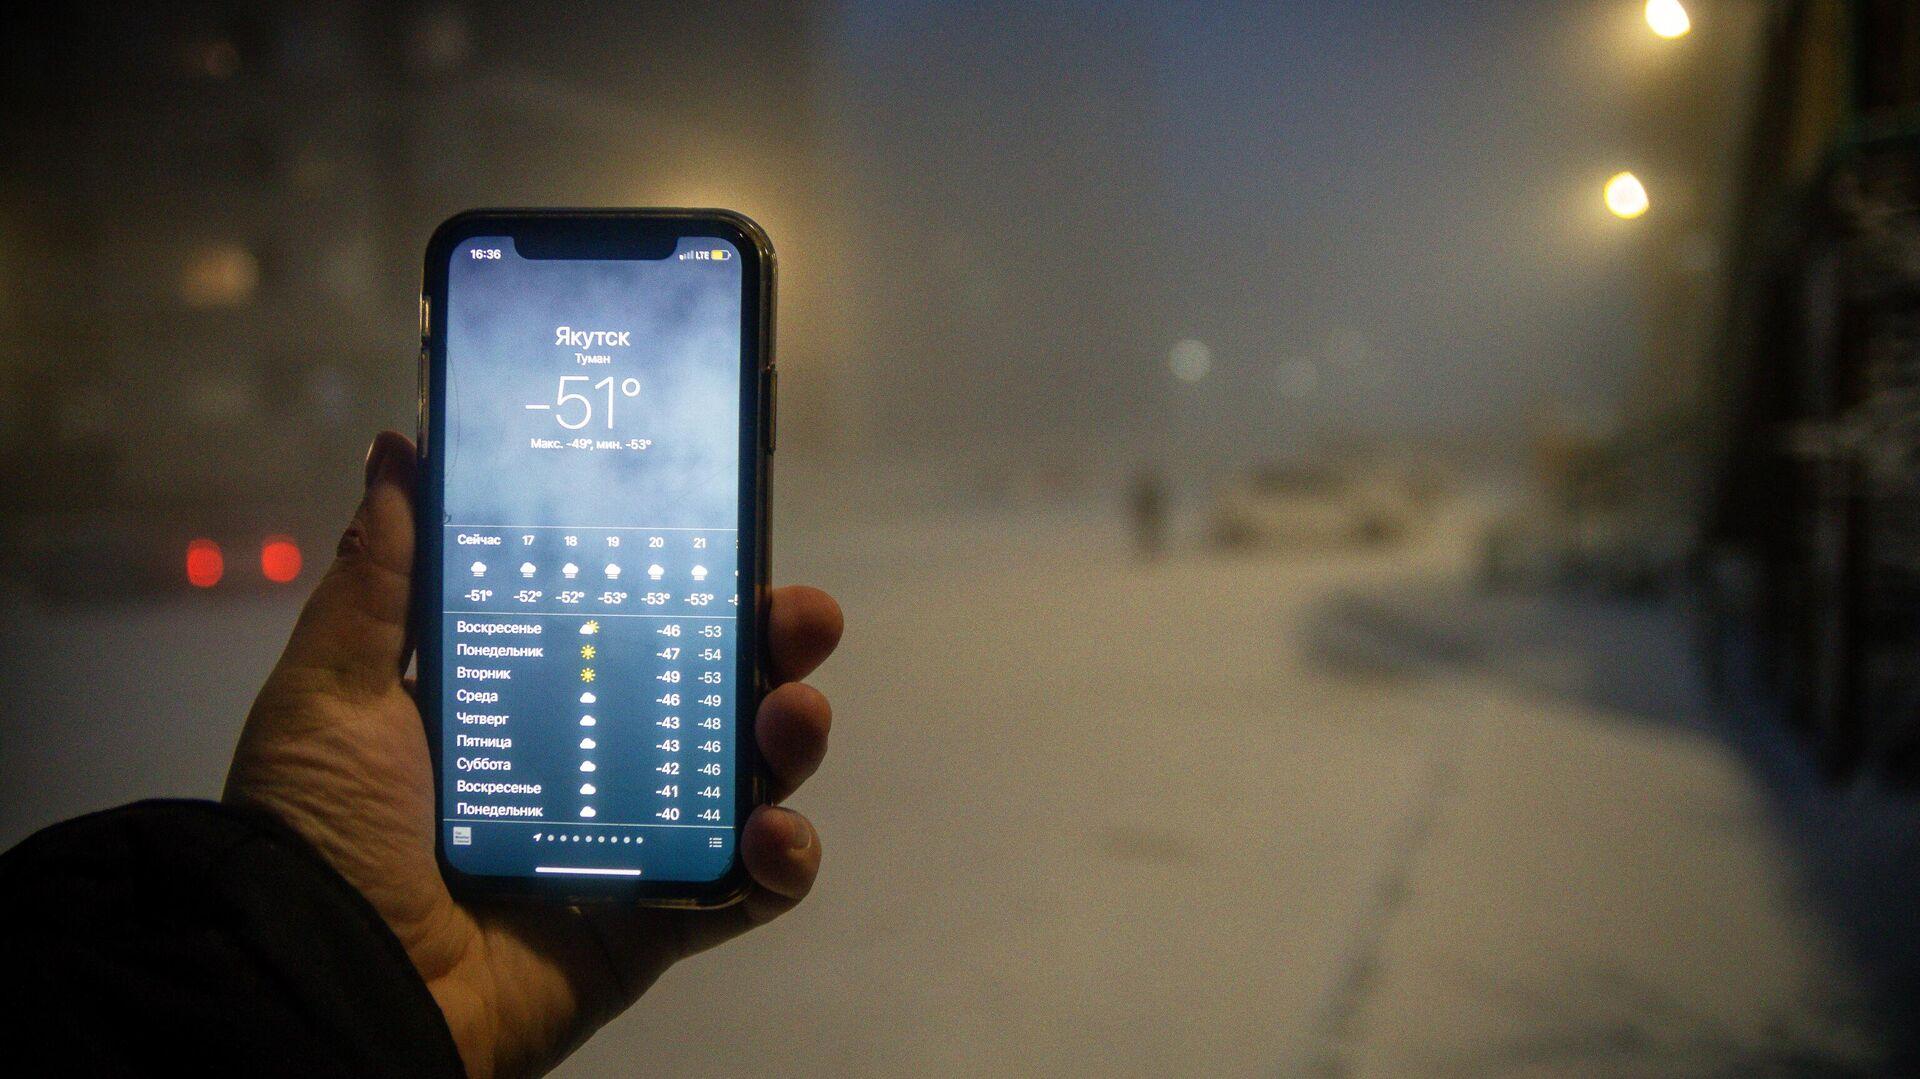 Мужчина демонстрирует мобильный телефон с информацией о прогнозе погоды  - РИА Новости, 1920, 22.06.2021